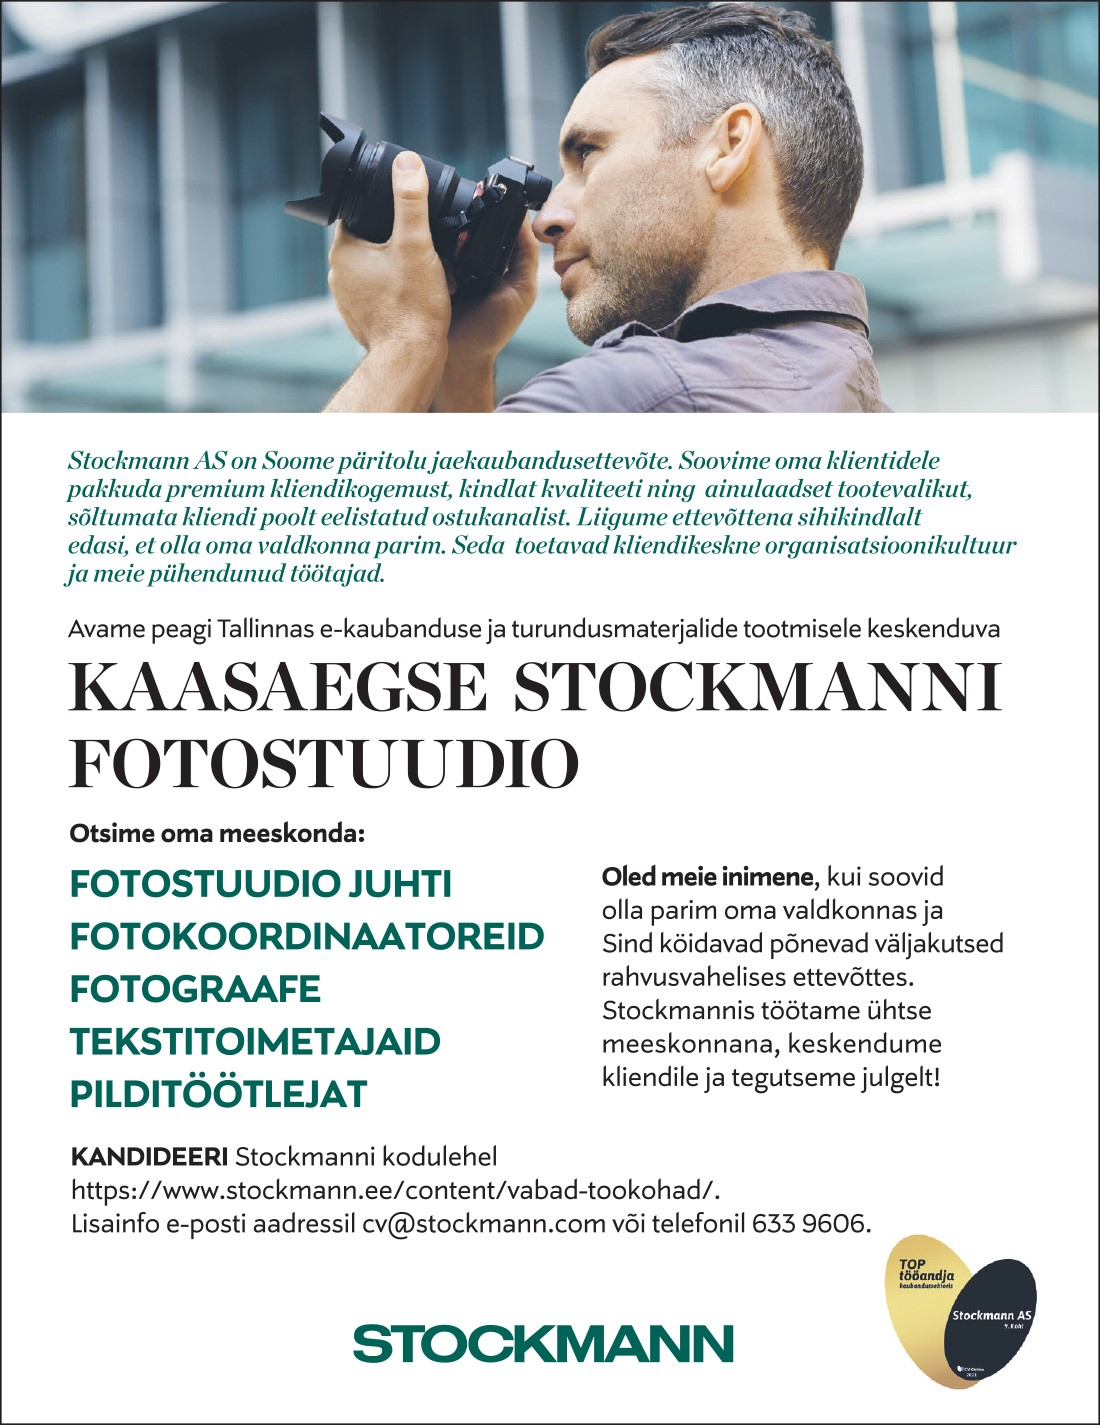 FOTOSTUUDIO JUHT, FOTOKOORDINAATOR, FOTOGRAAF, TEKSTITOIMETAJA, PILDITÖÖTLEJA